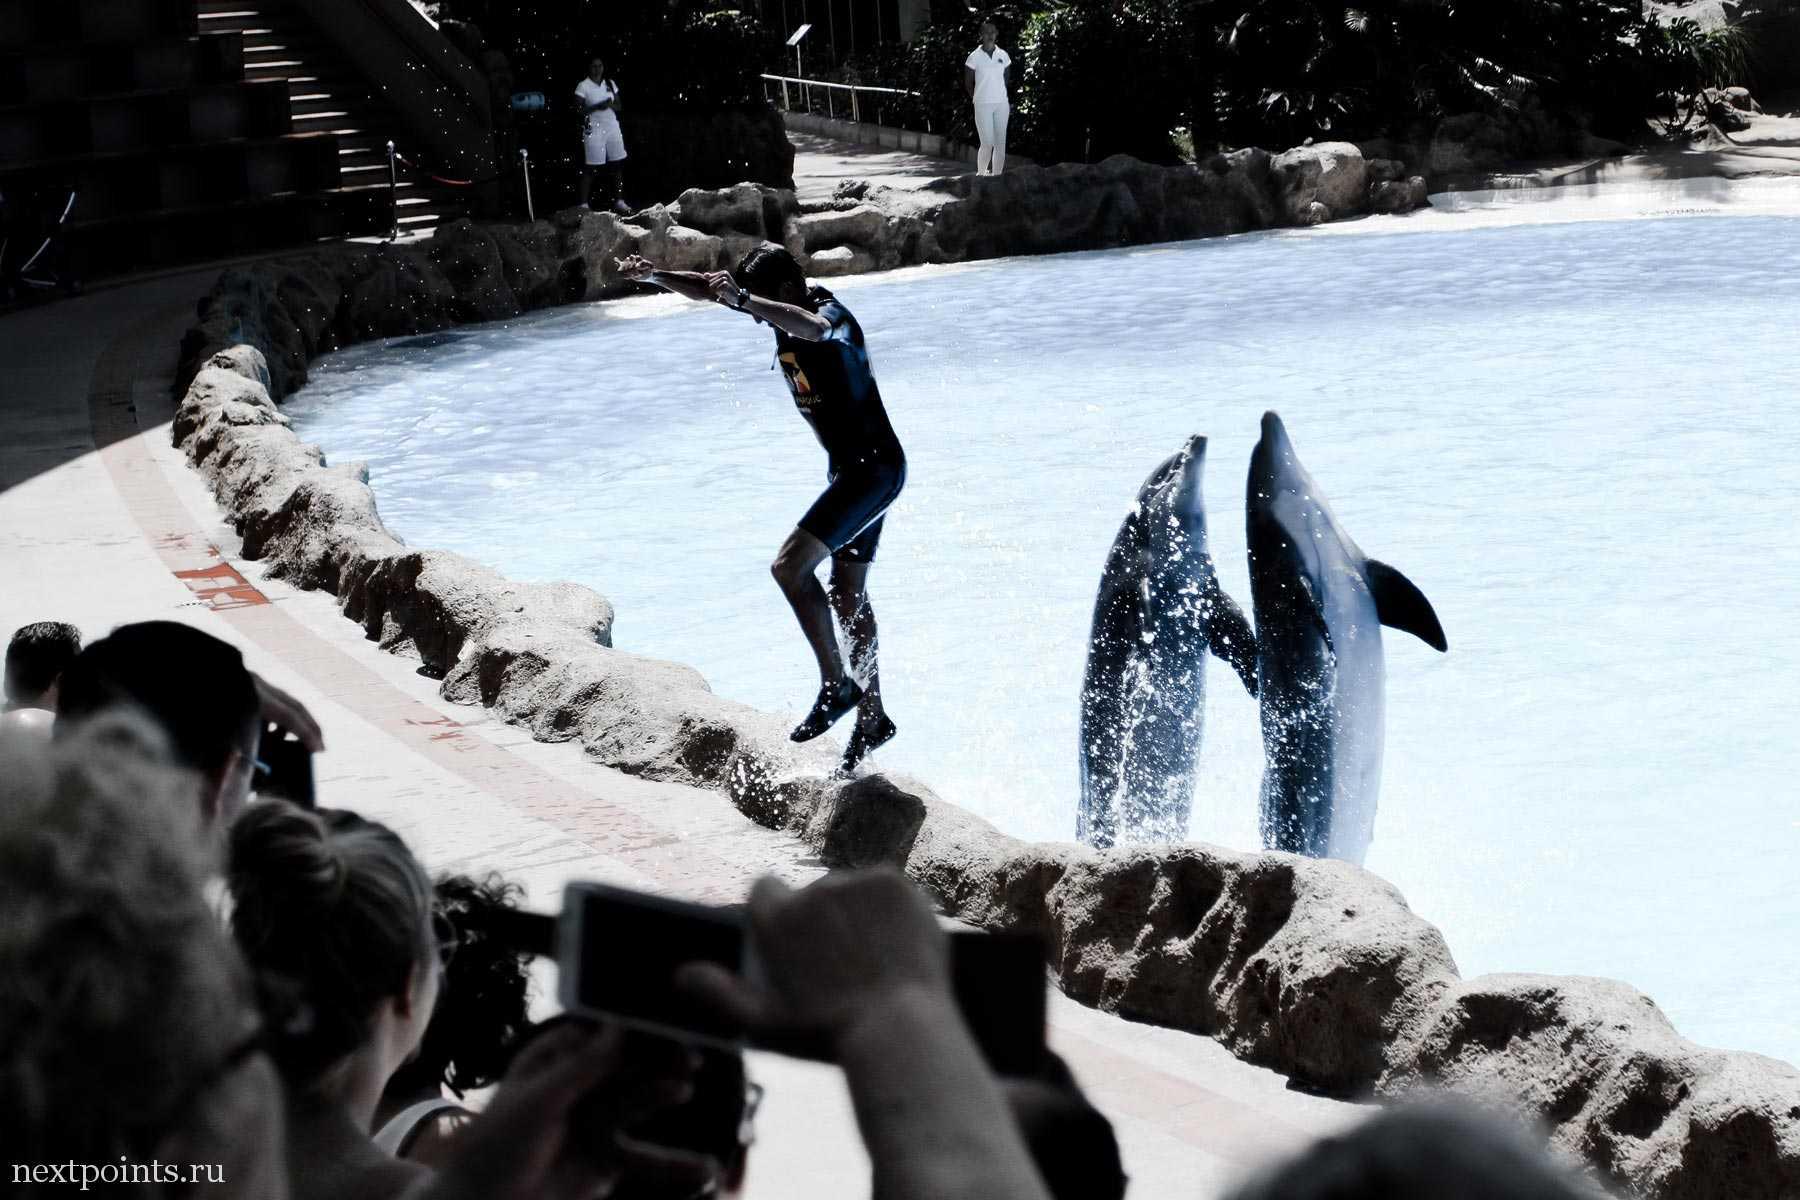 Трюкачи - дельфины и человек